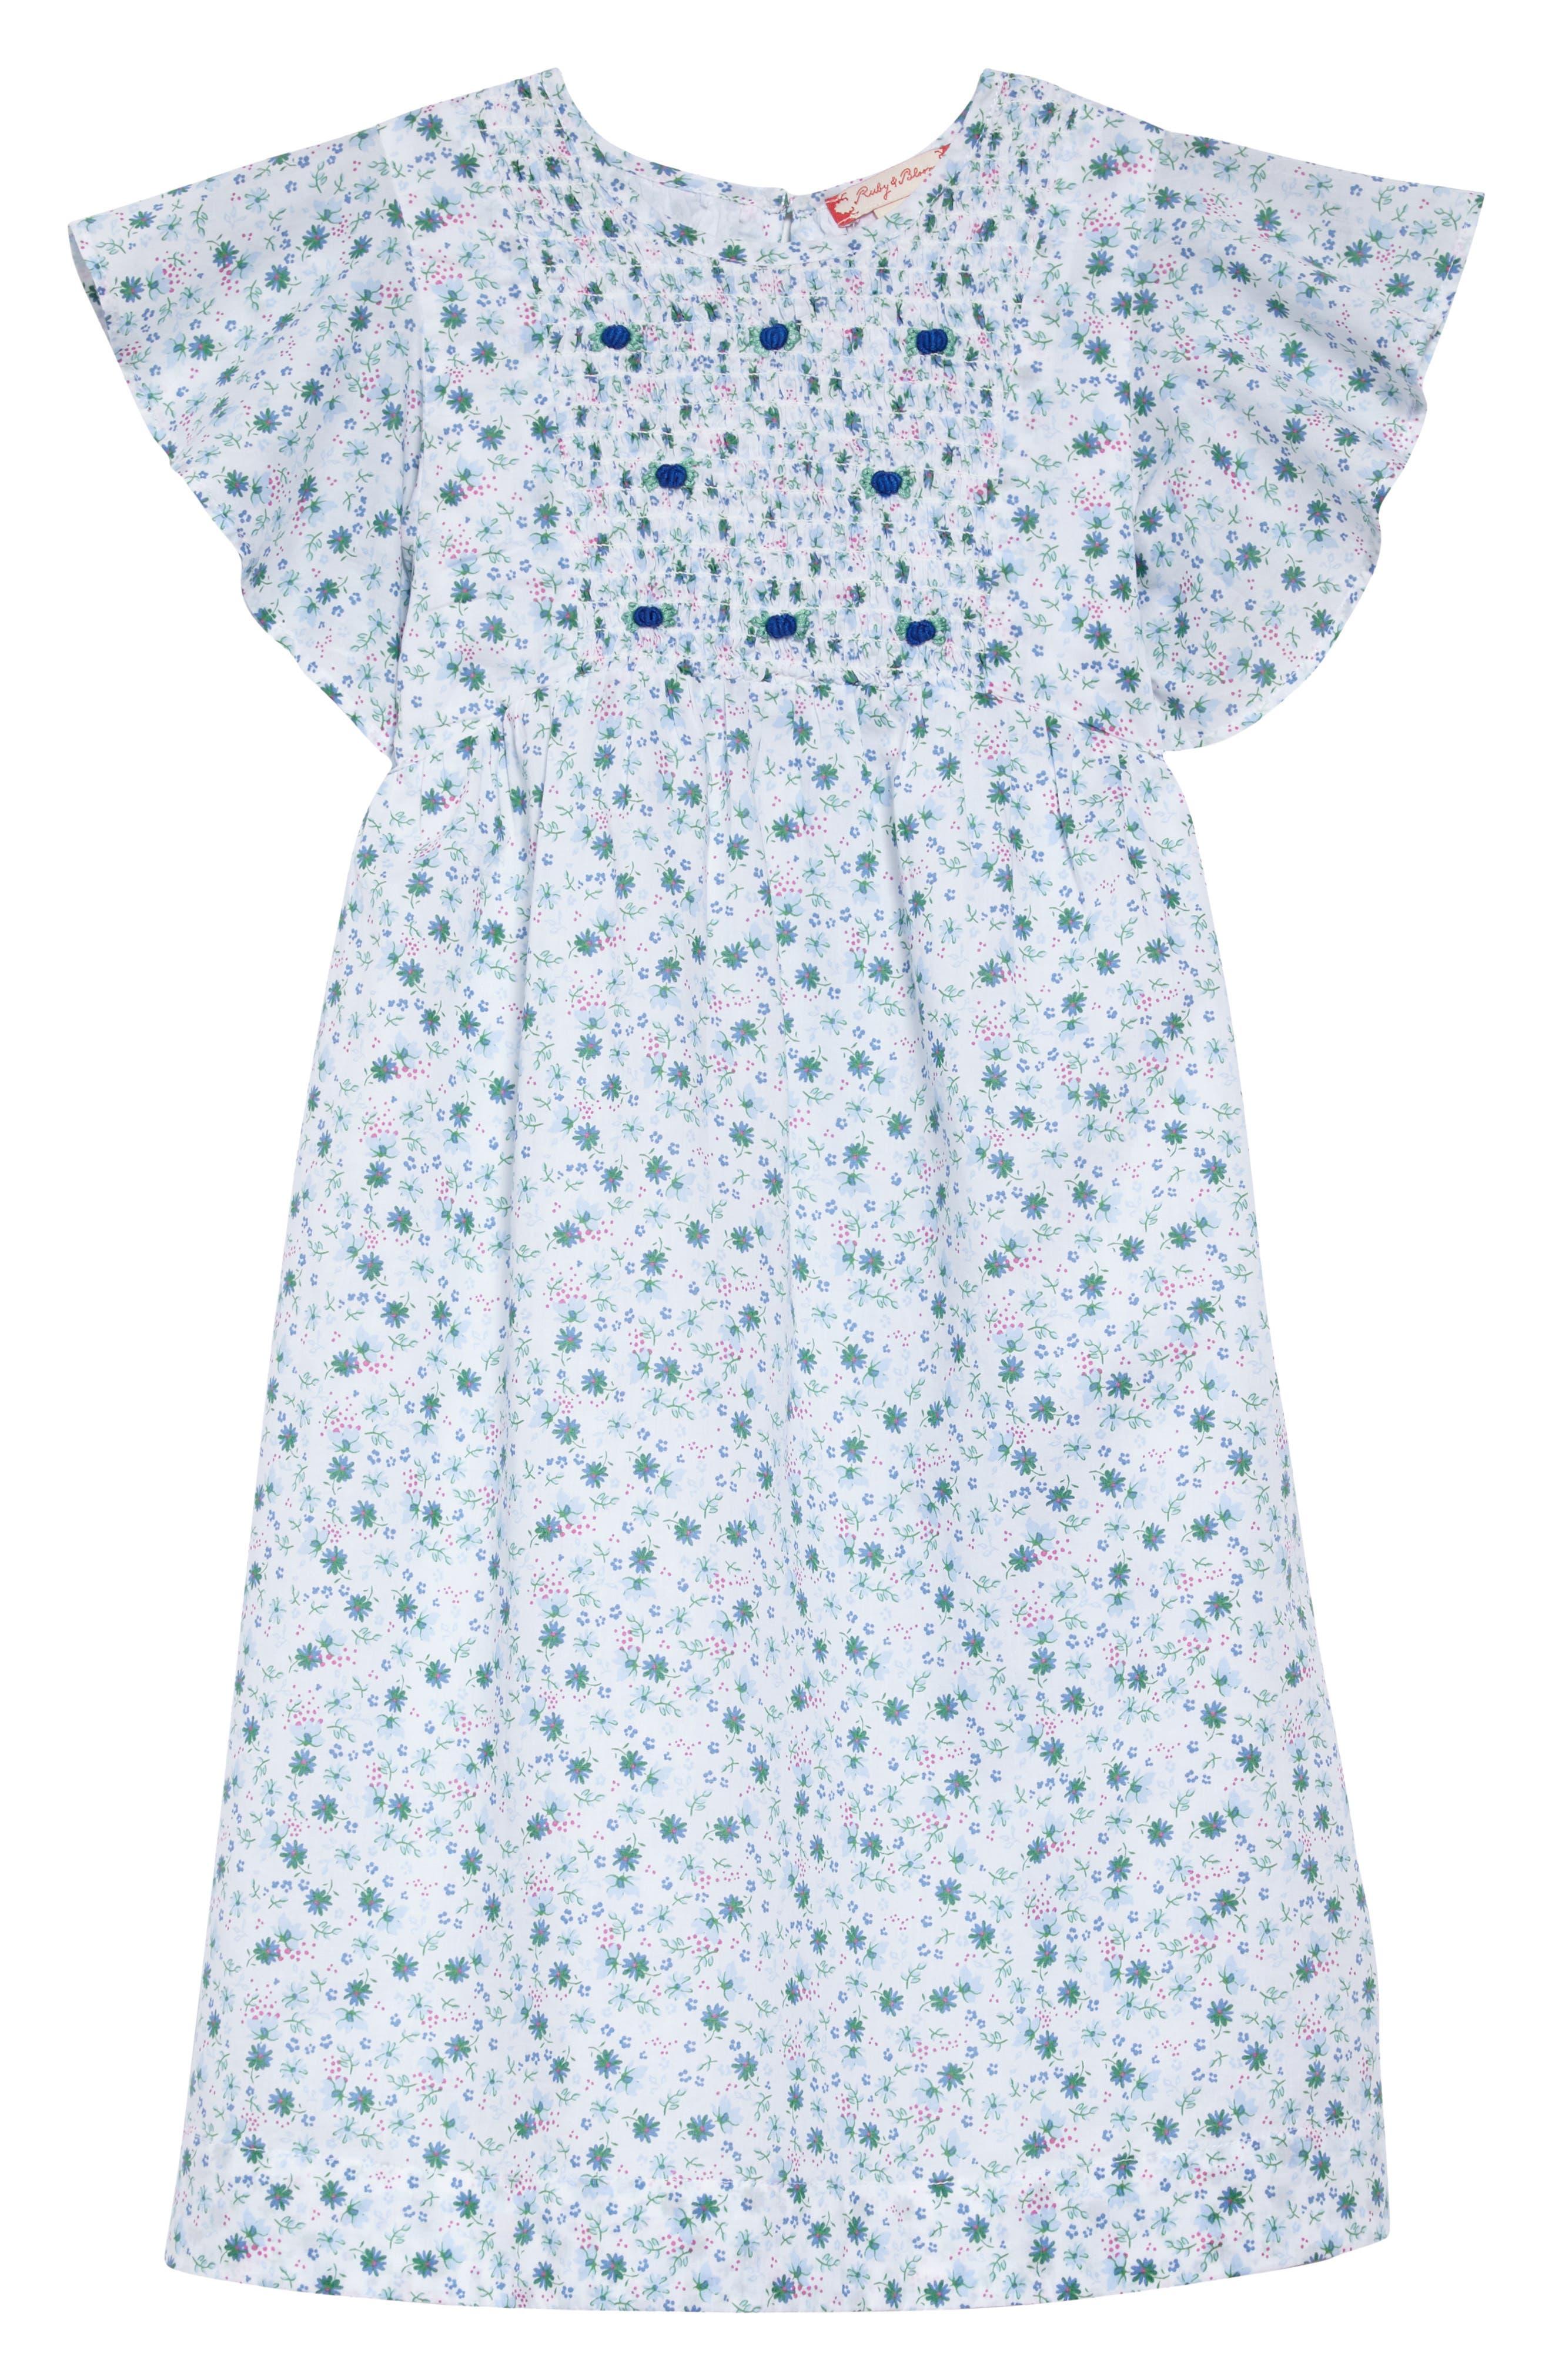 Floral Flutter Sleeve Dress,                         Main,                         color, White Devon Floral